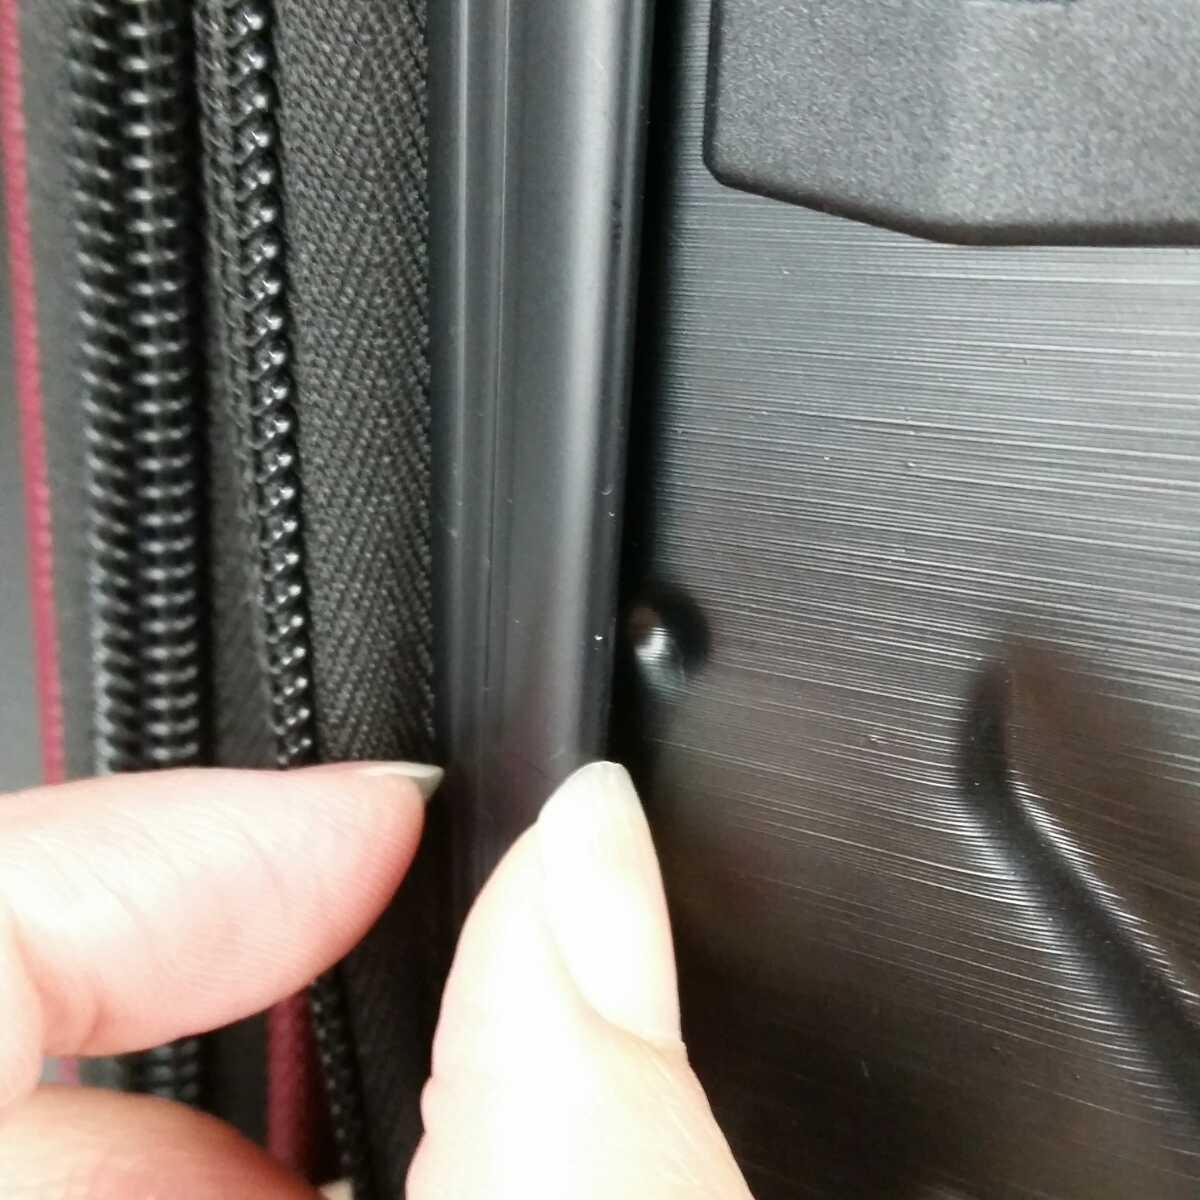 ス111 Sサイズ 横型 フロントオープン スーツケース キャリーケース 機内持ち込み 拡張機能 ブラック_型が有るだけで、穴でも傷でもありません